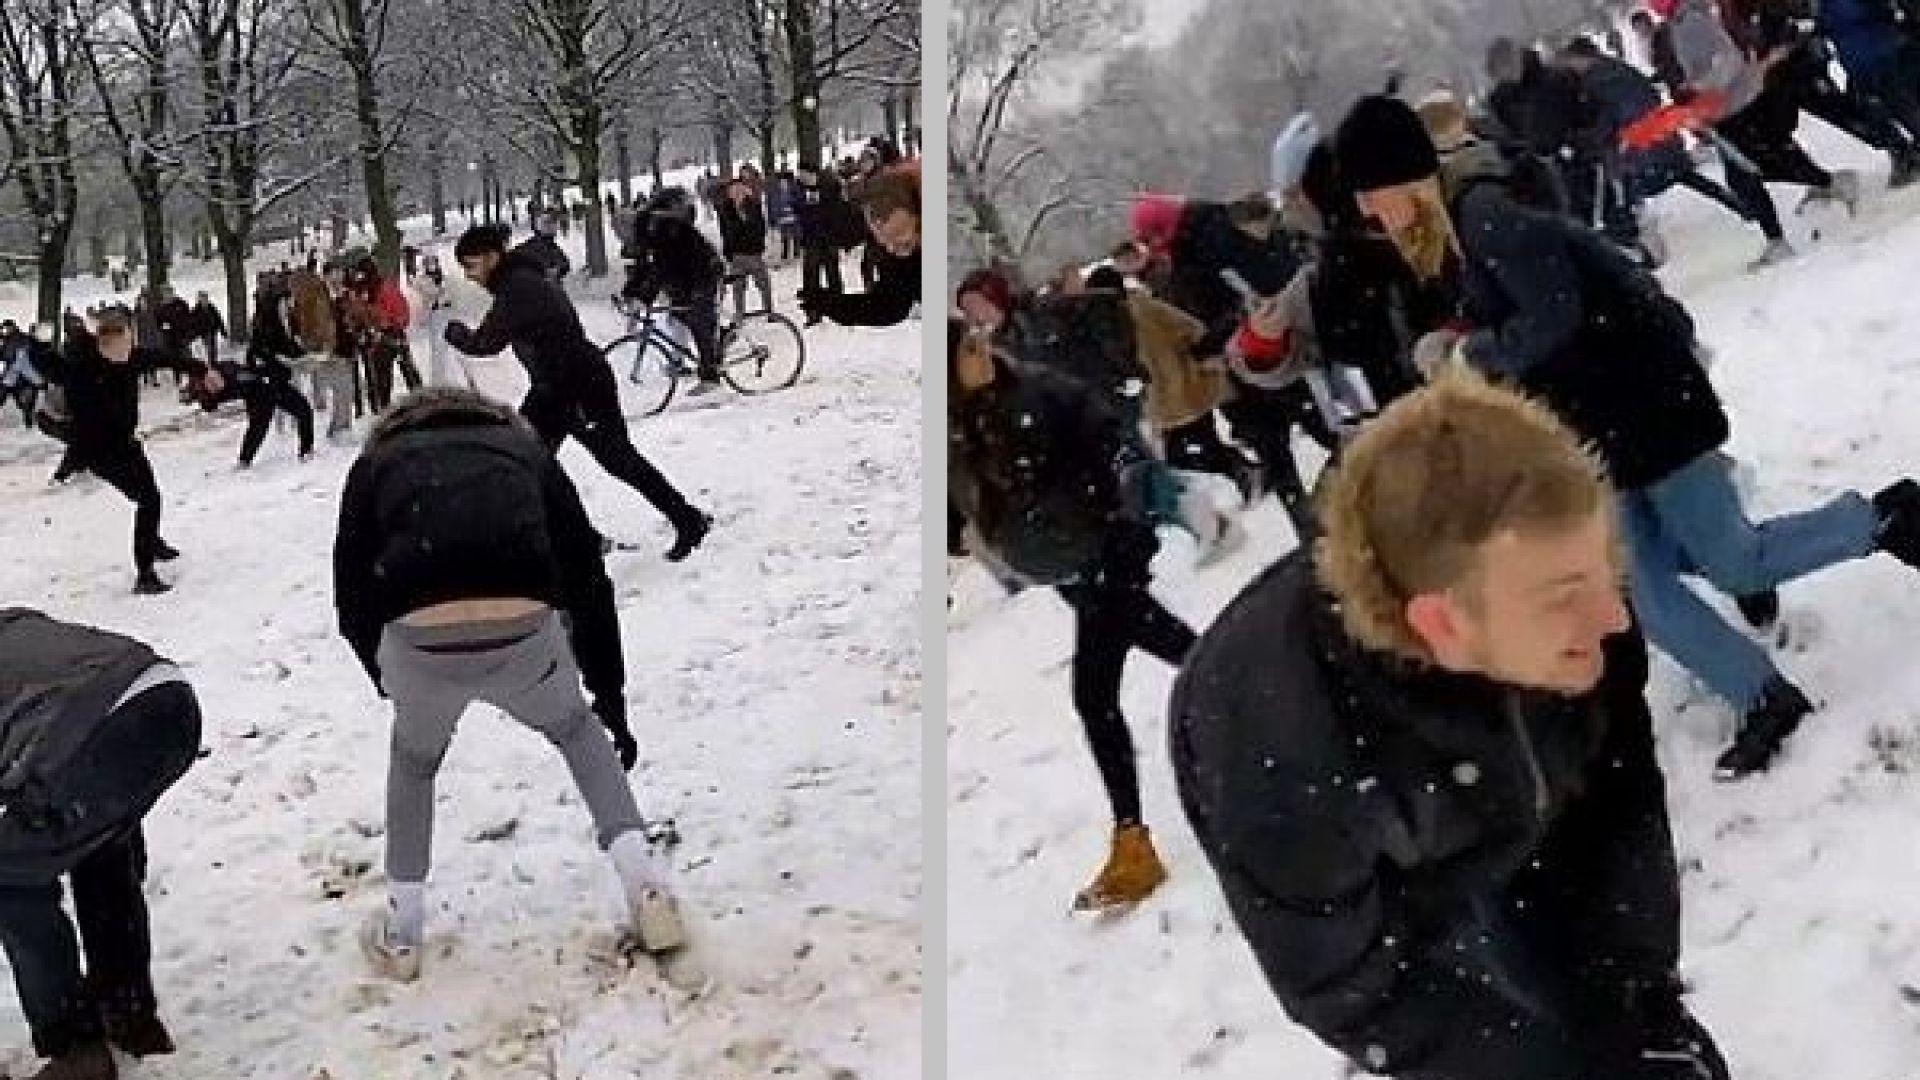 След видео в Тик Ток: Глобиха с по £10 хил. участници в масов бой със снежни топки